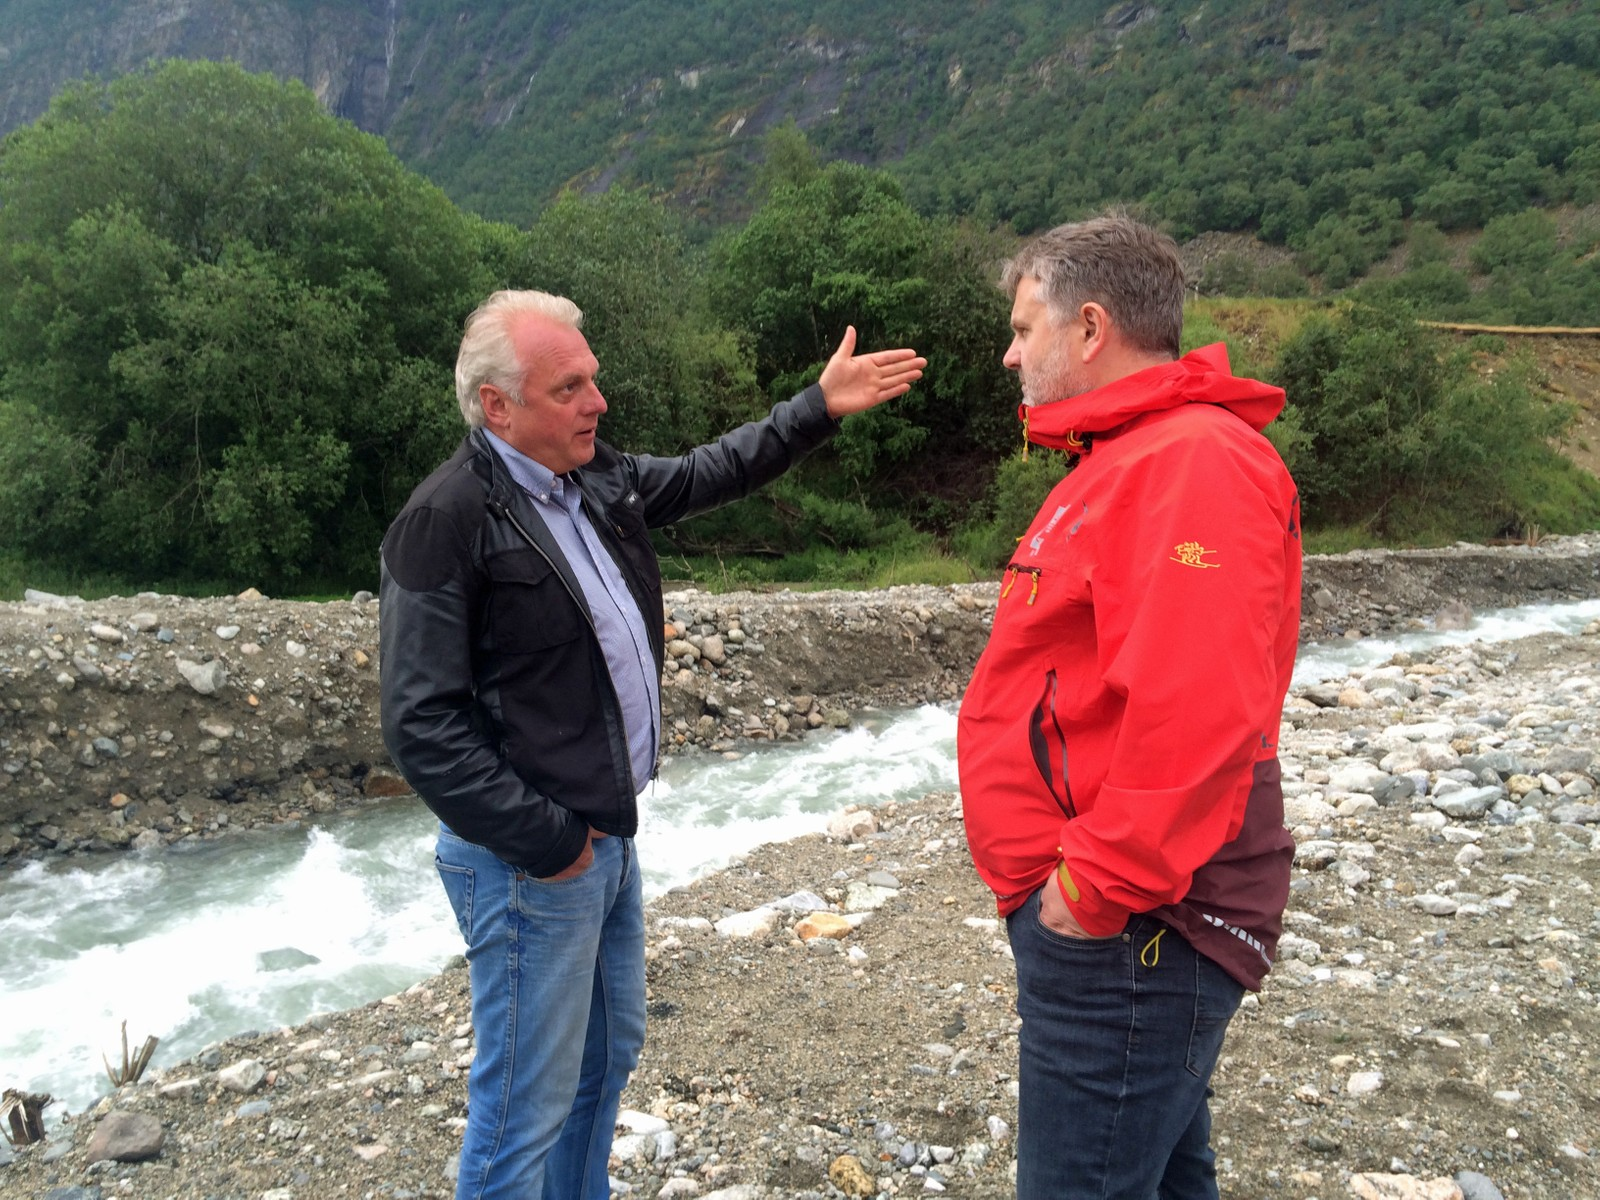 Ordførar Jan Geir Solheim (Sp) og Ivar Fivelstad (NVE) på synfaring i Lærdal måndag.